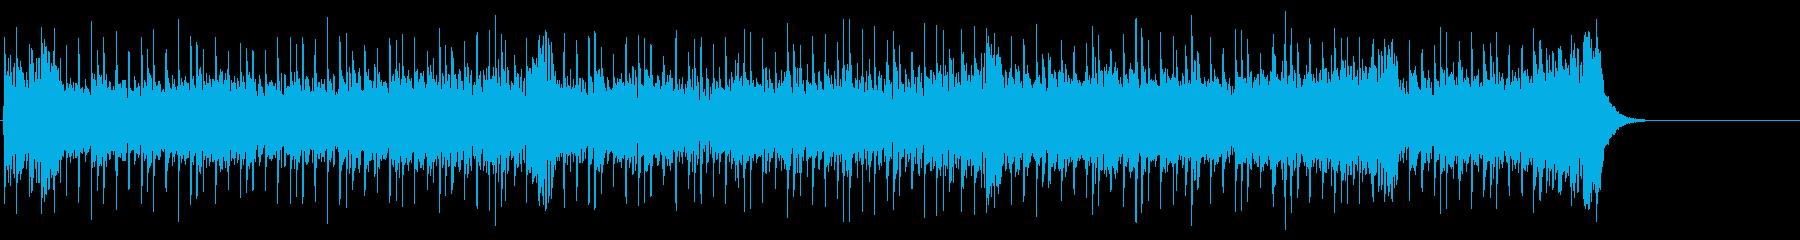 軽快なテクノ・ポップ(A~B~サビ)の再生済みの波形